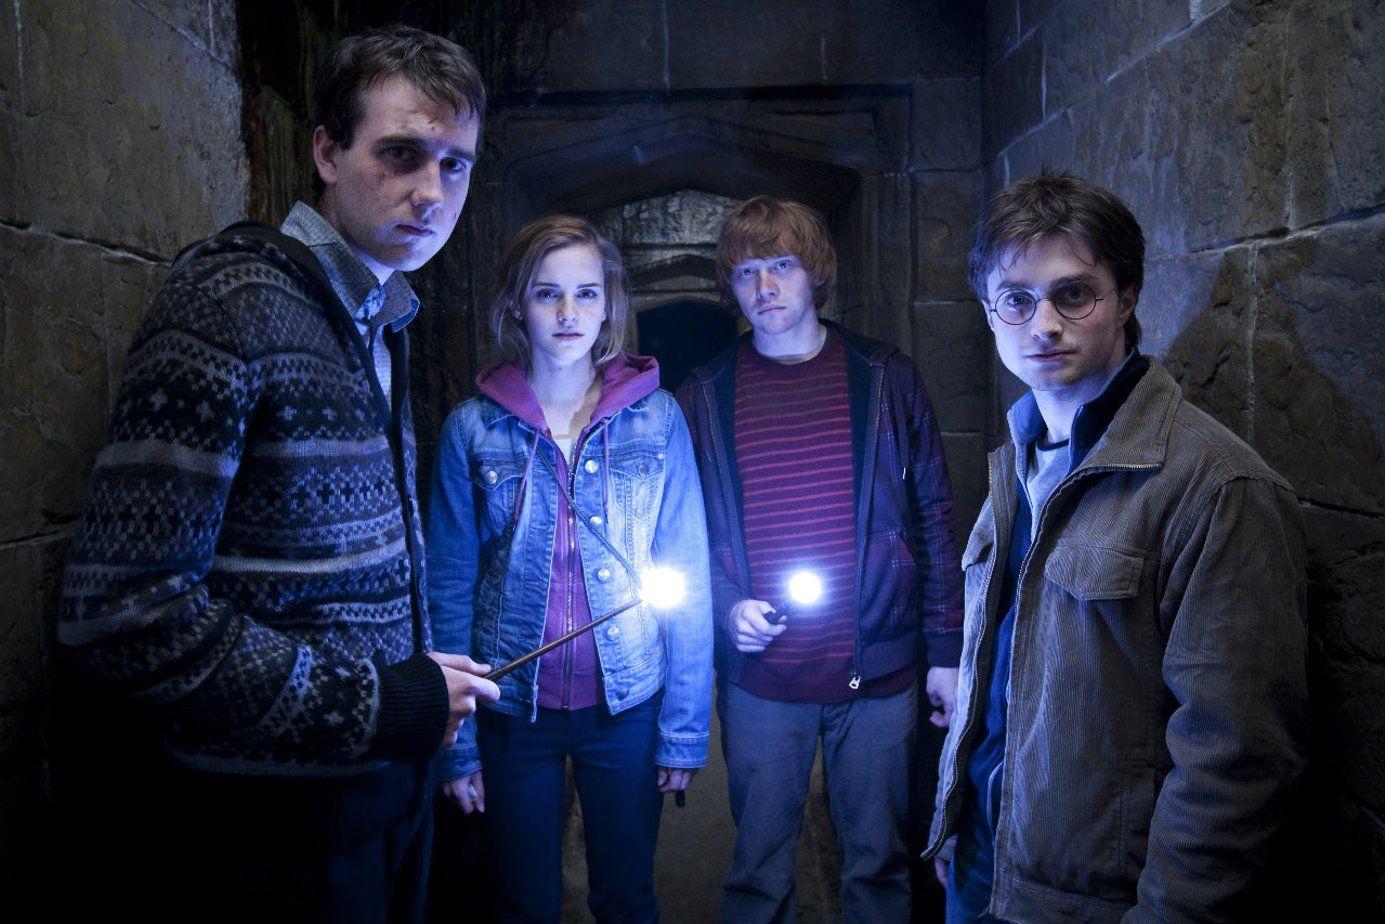 """Дэниел Редклифф признался, какую роль хотел бы сыграть в перезагрузке """"Гарри Поттера""""-Фото 1"""